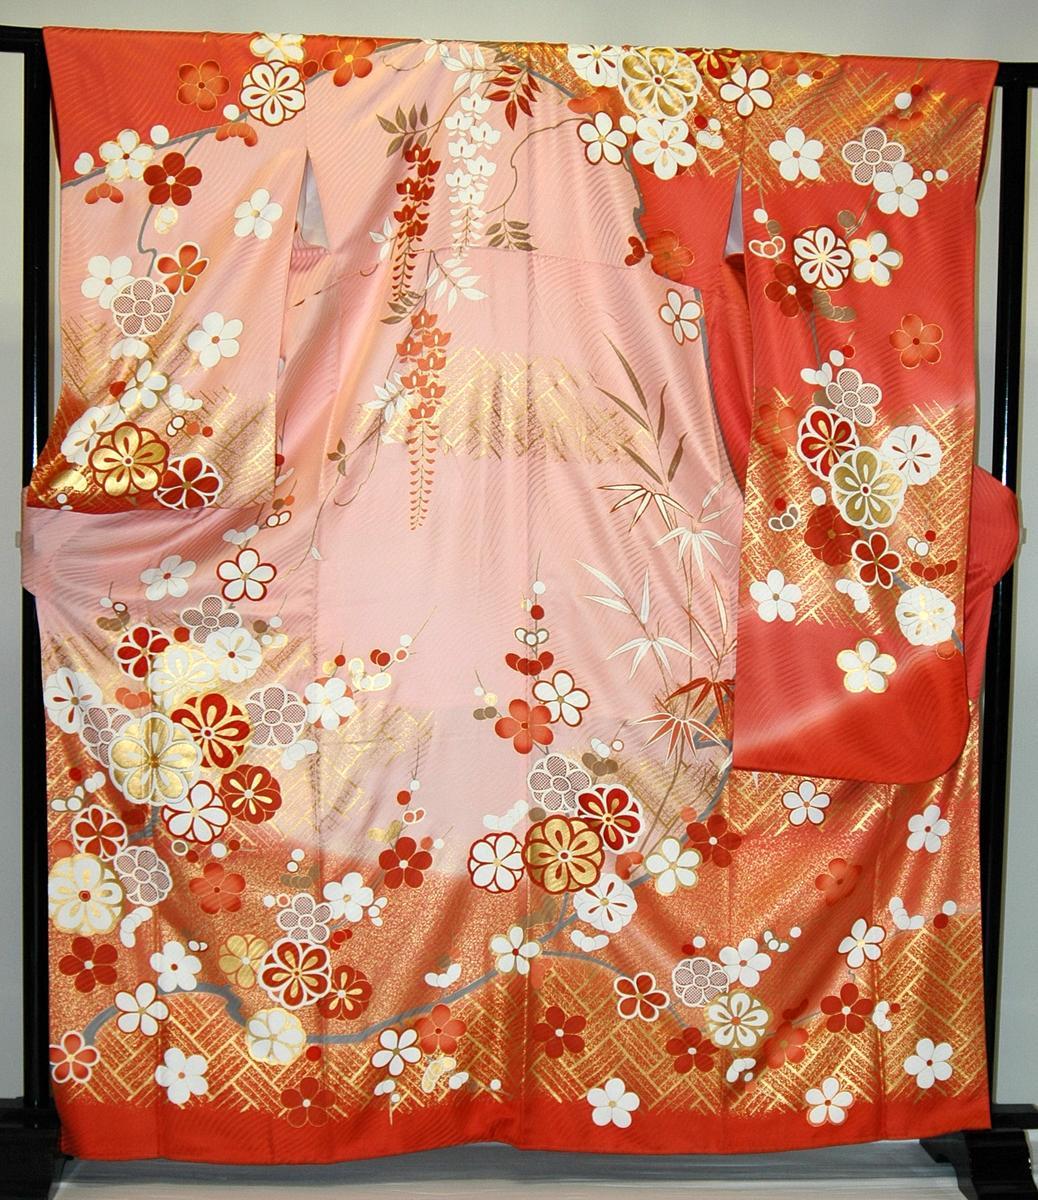 【レンタル】振袖レンタル【赤・ピンク・赤紫系】【RS706】標準/L寸/7号/9号/11号/13号